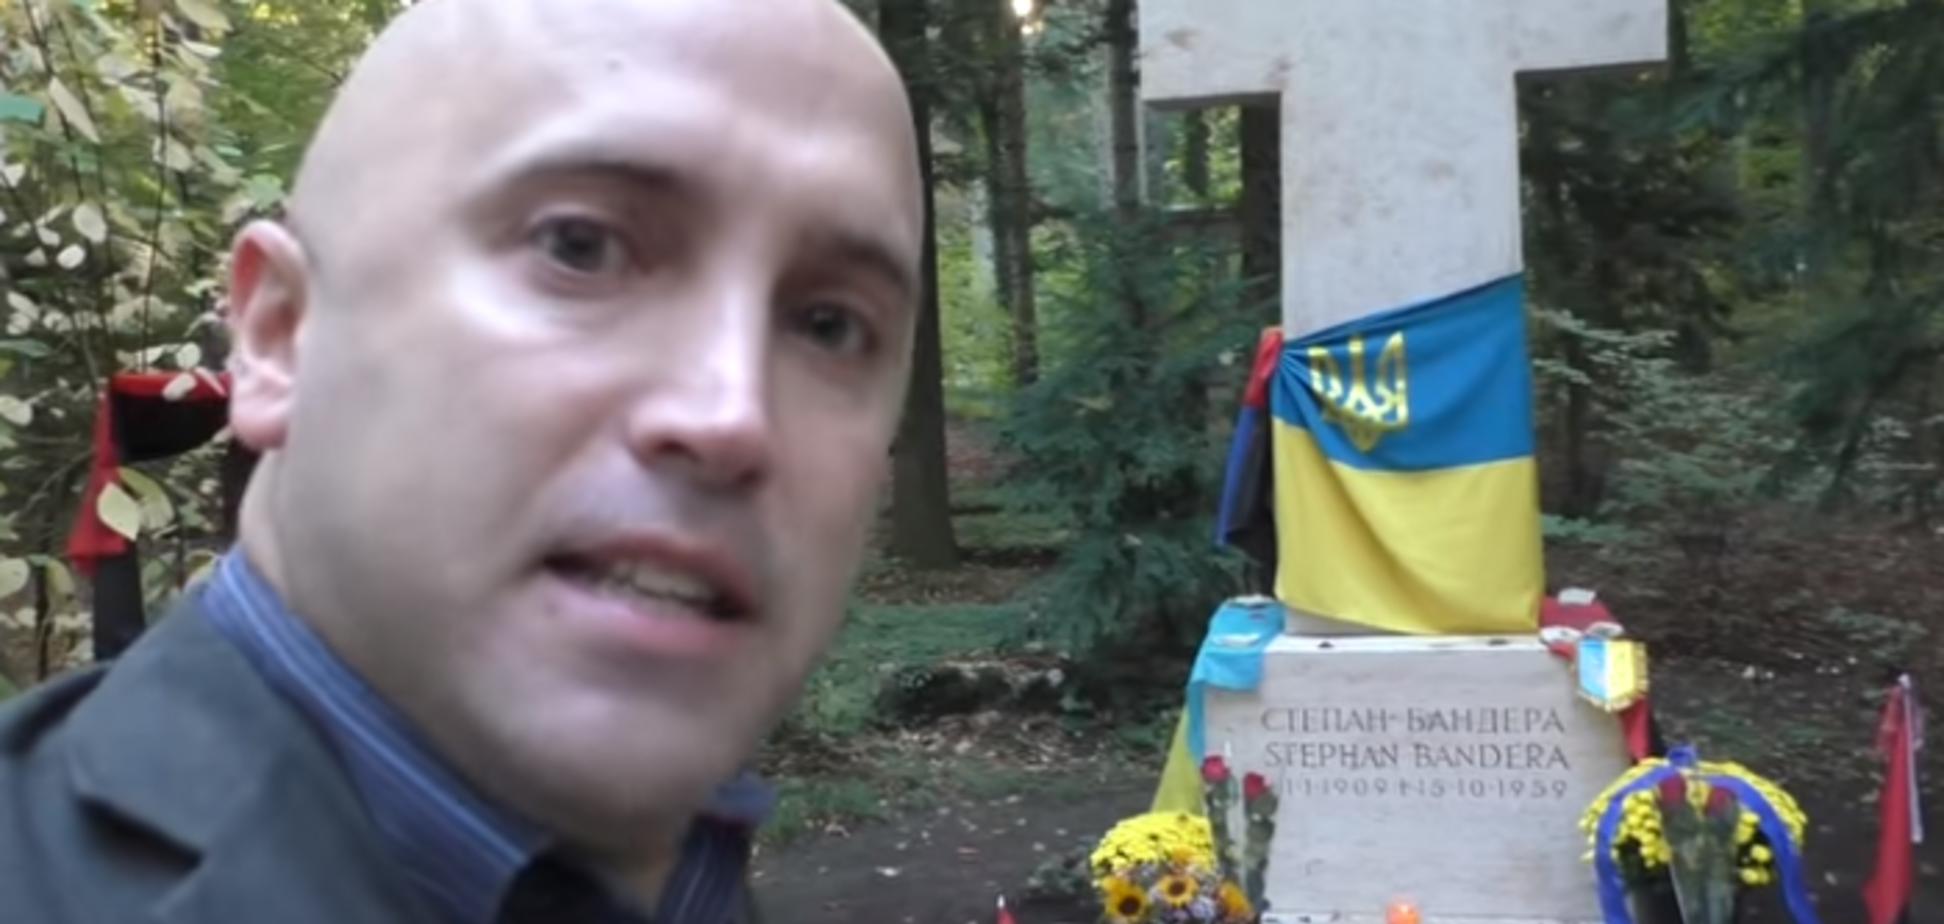 Скандальний кремлівський пропагандист осквернив могилу Бандери: з'явилося відео